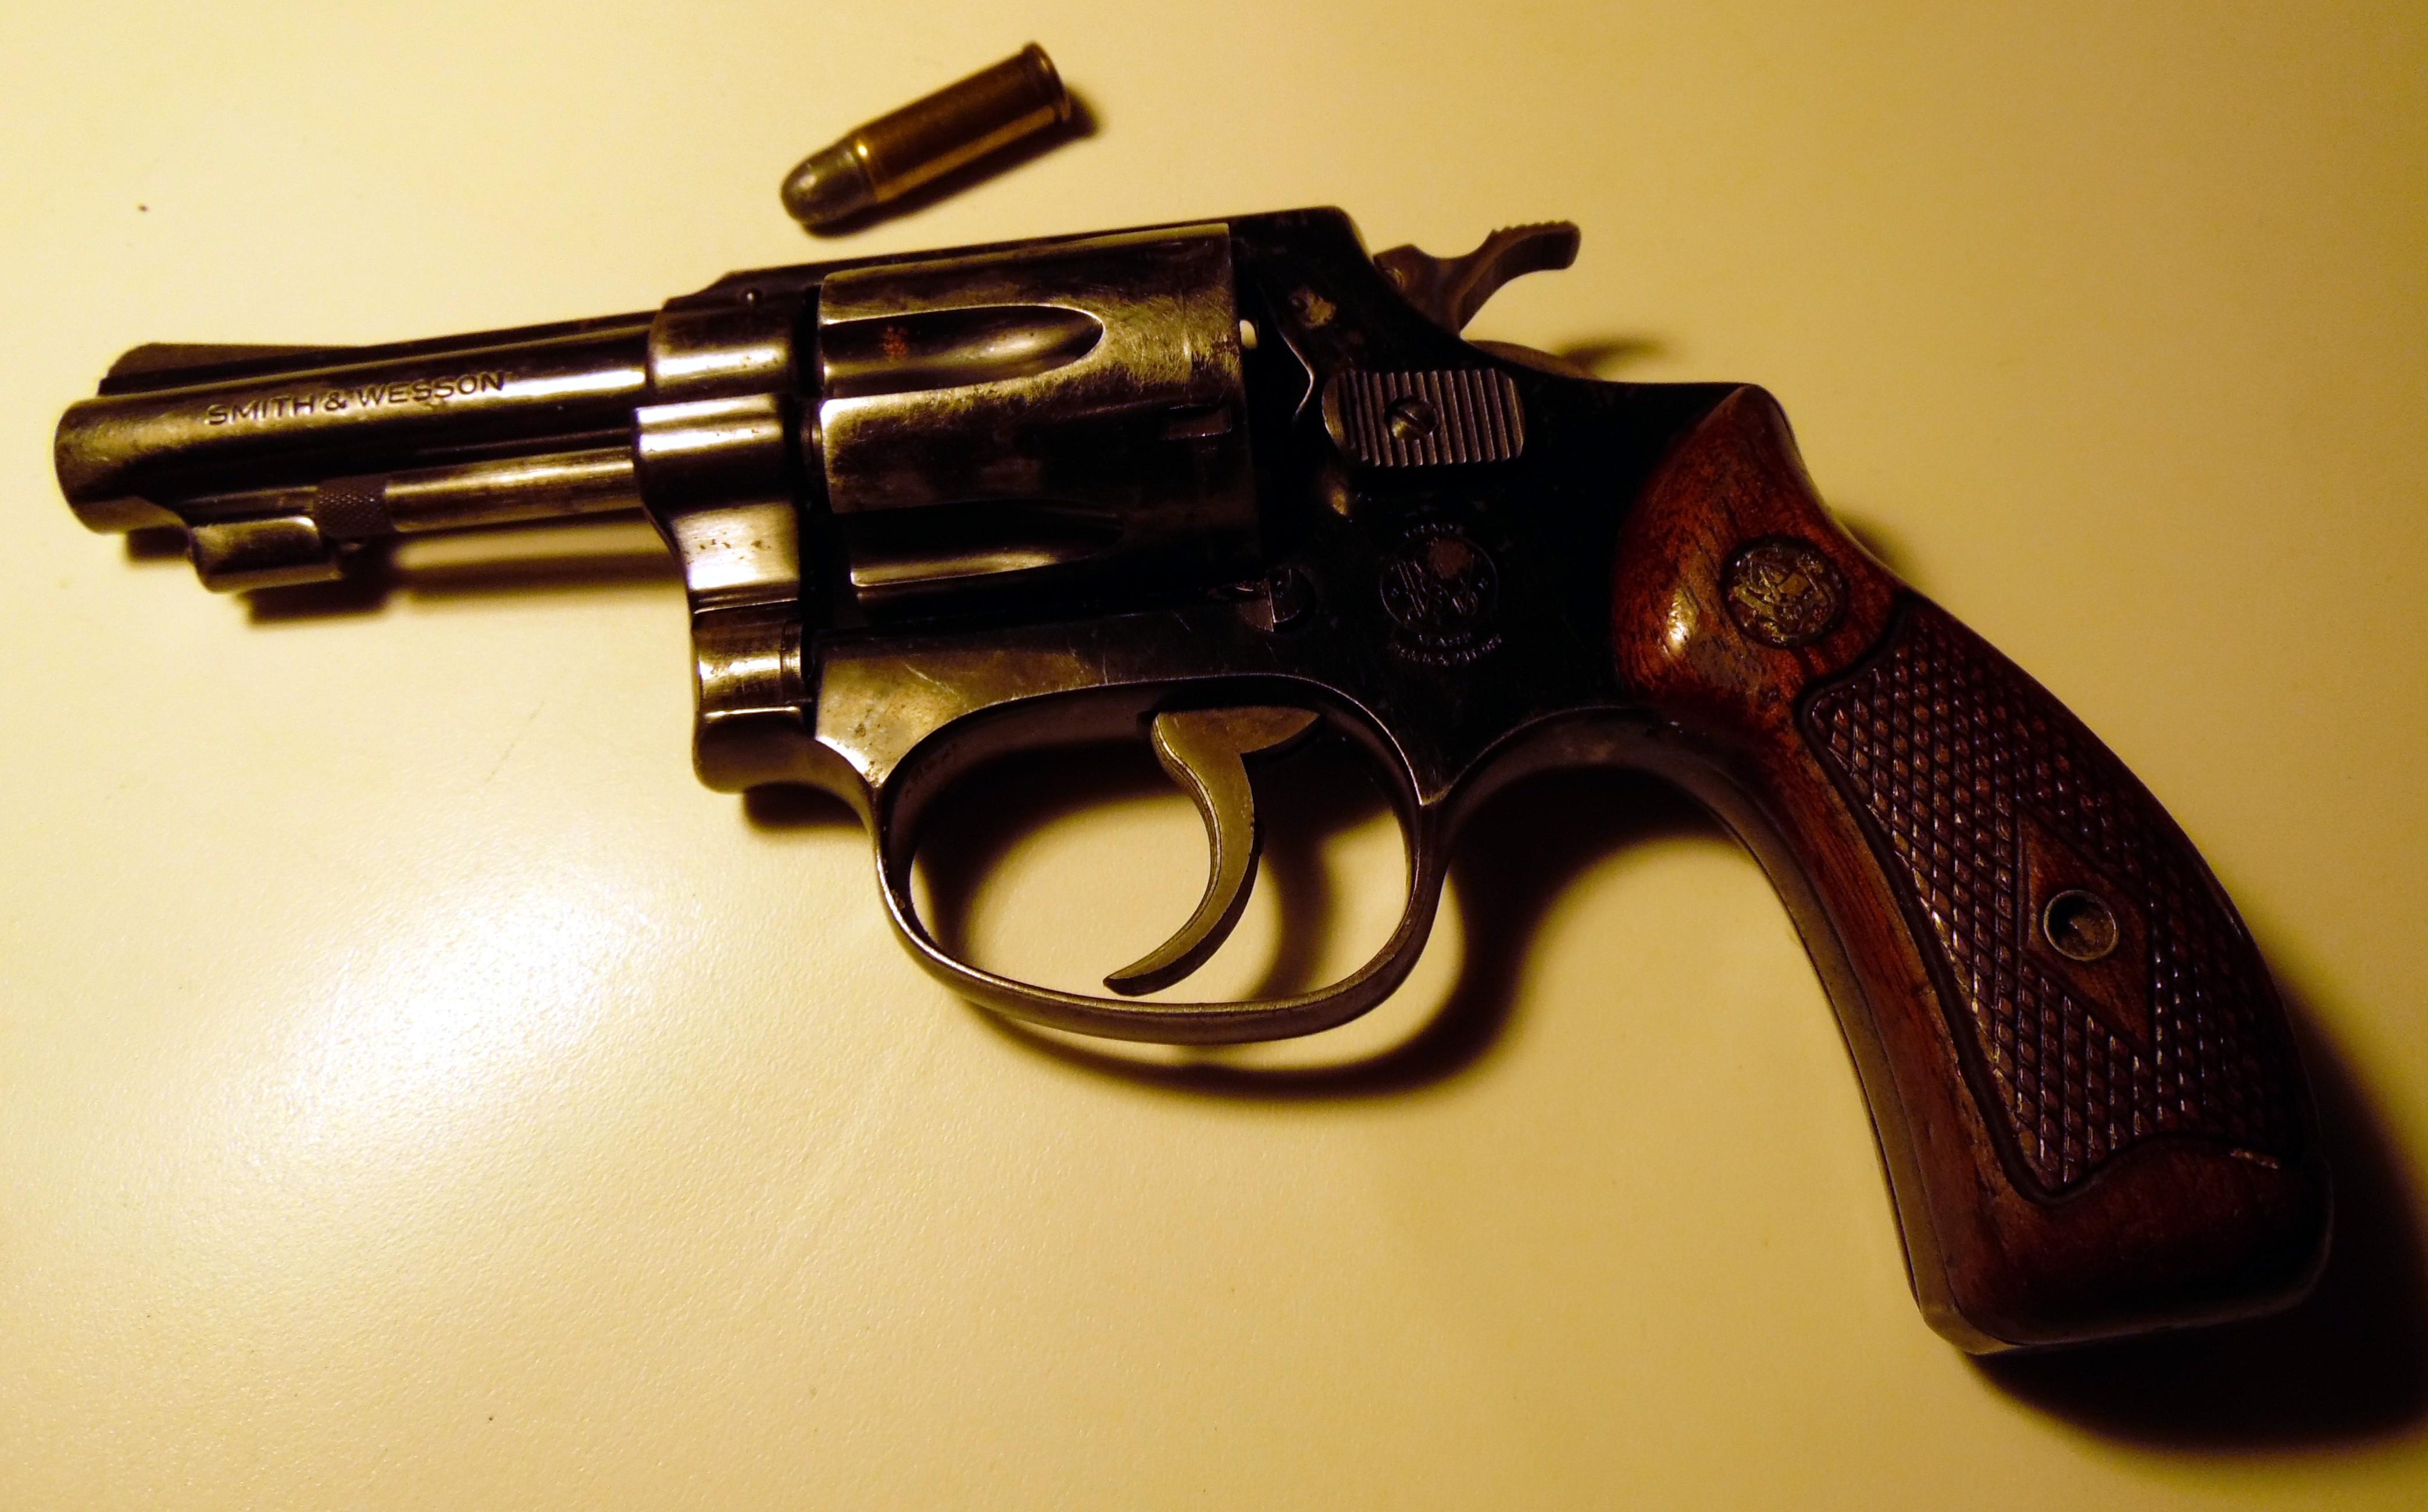 s w 32 caliber revolver information please